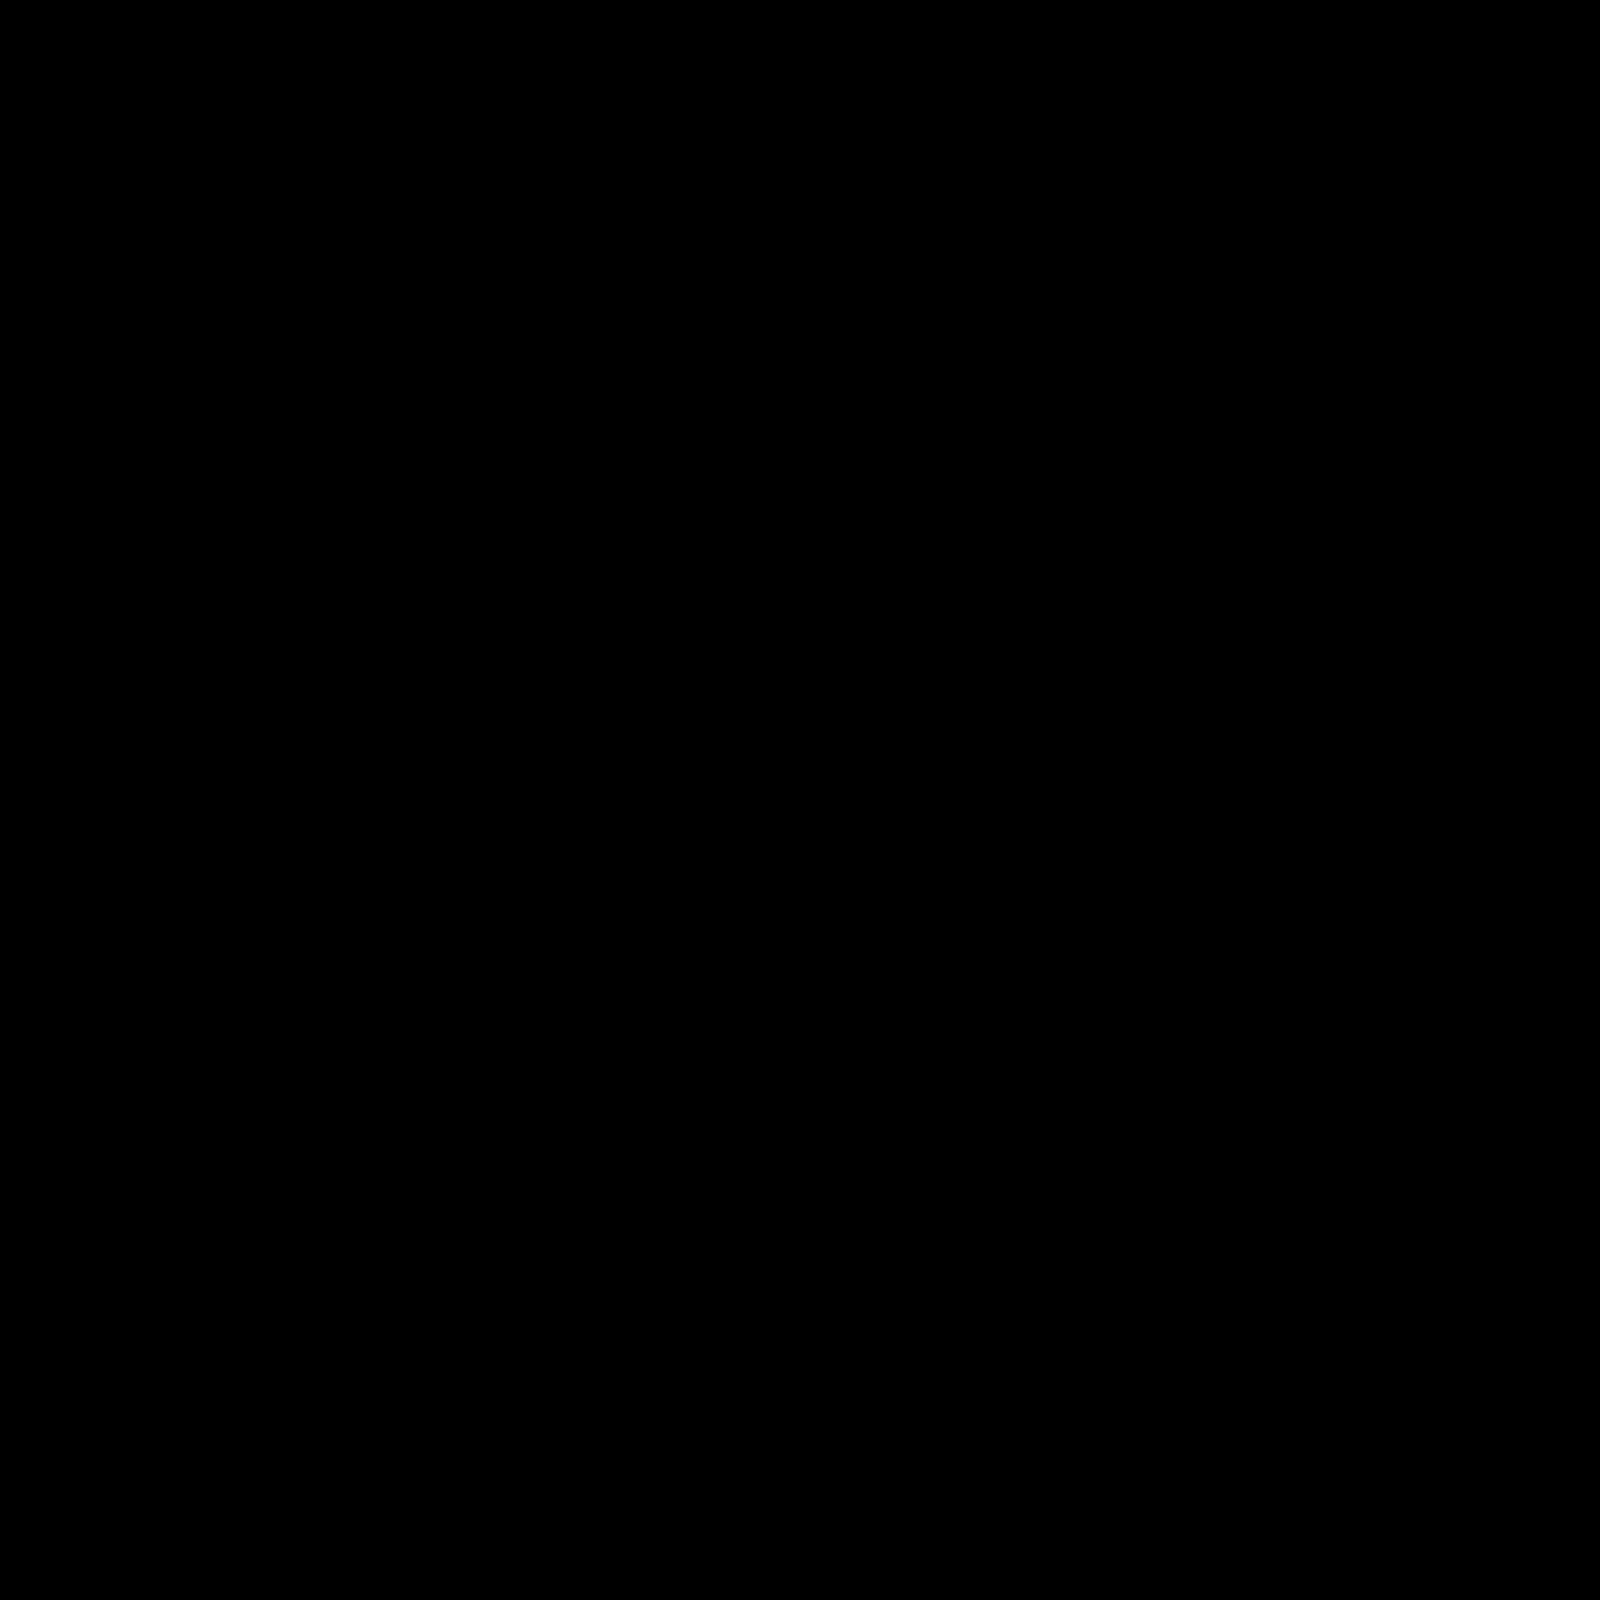 transparent stock Vector 1 number. Eingekreiste c icon kostenloser